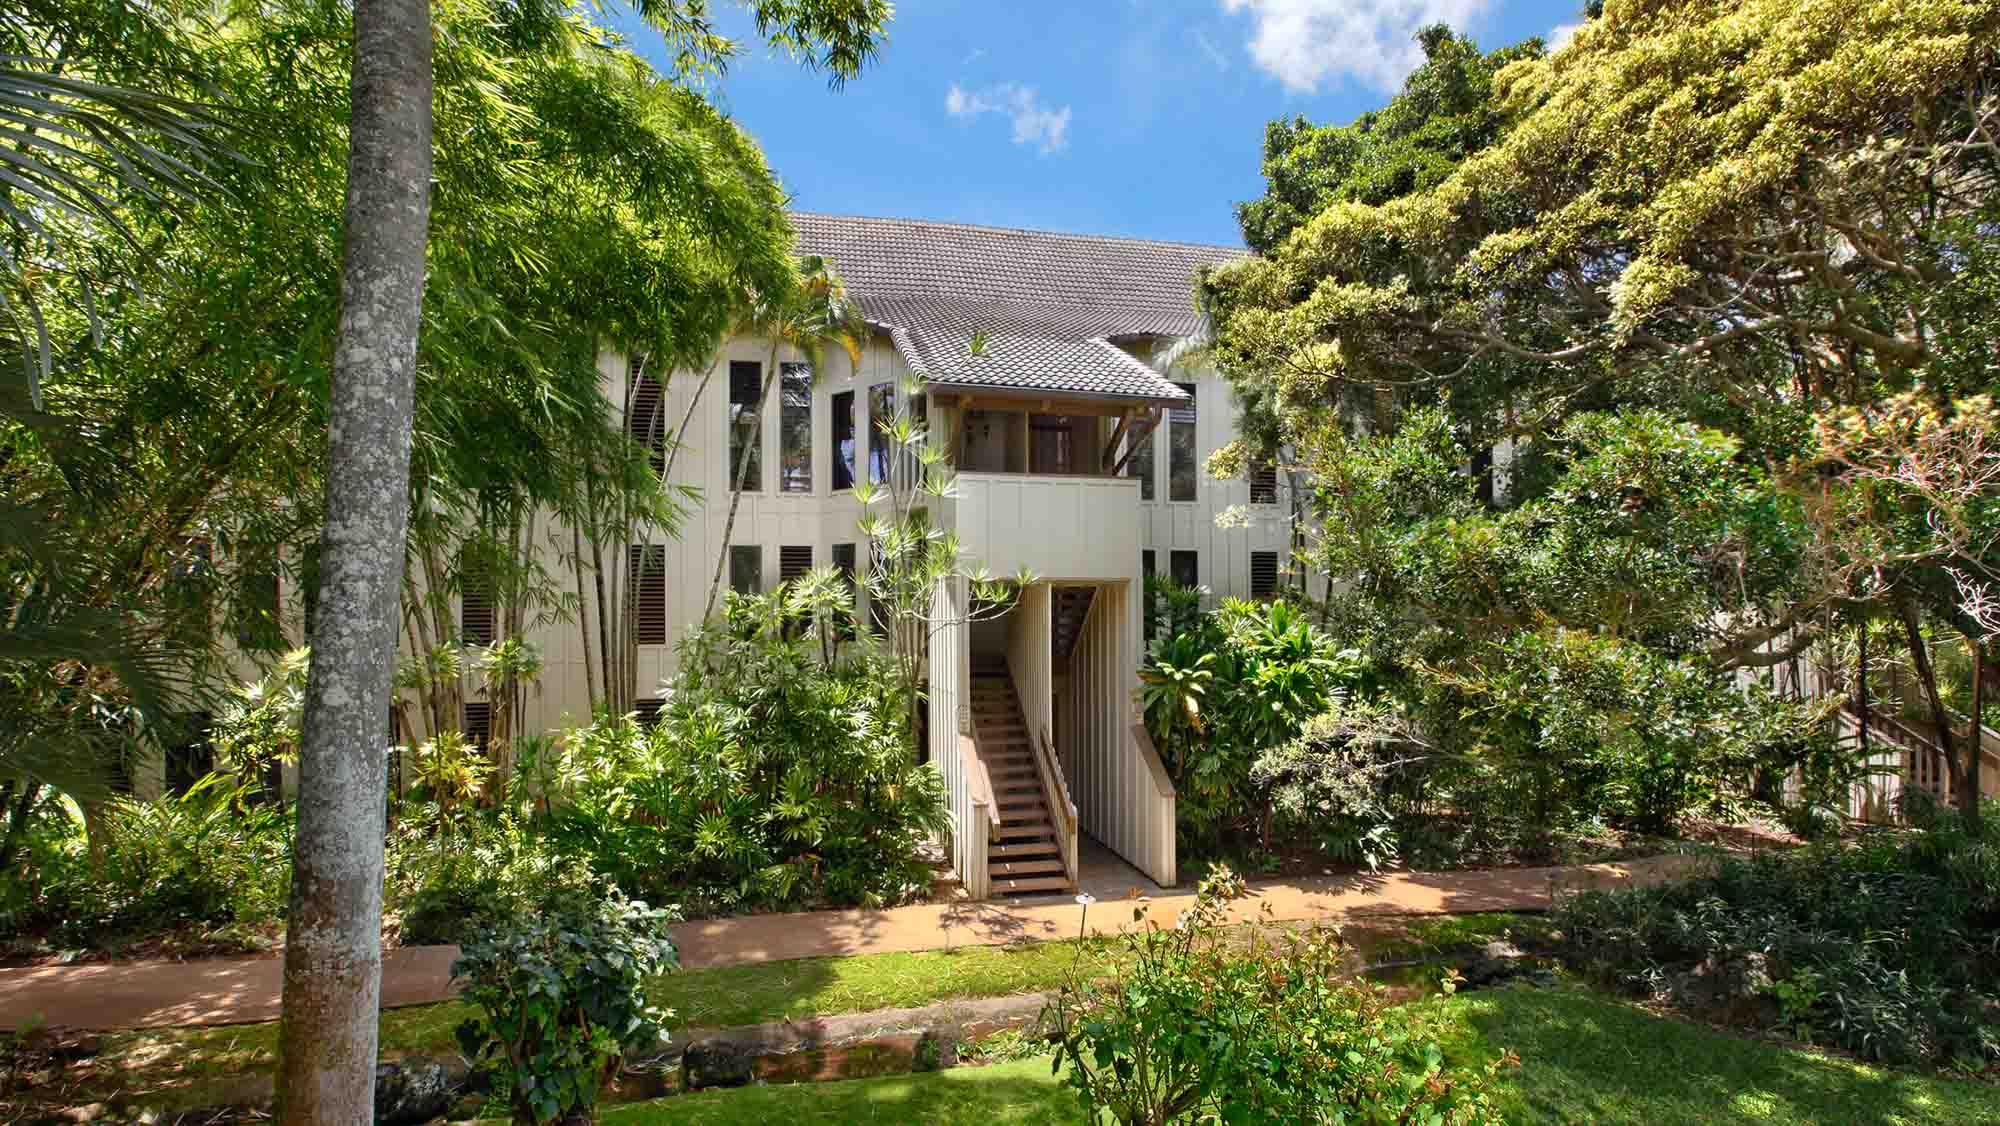 Waikomo Stream Villas 4 - Parrish Kauai